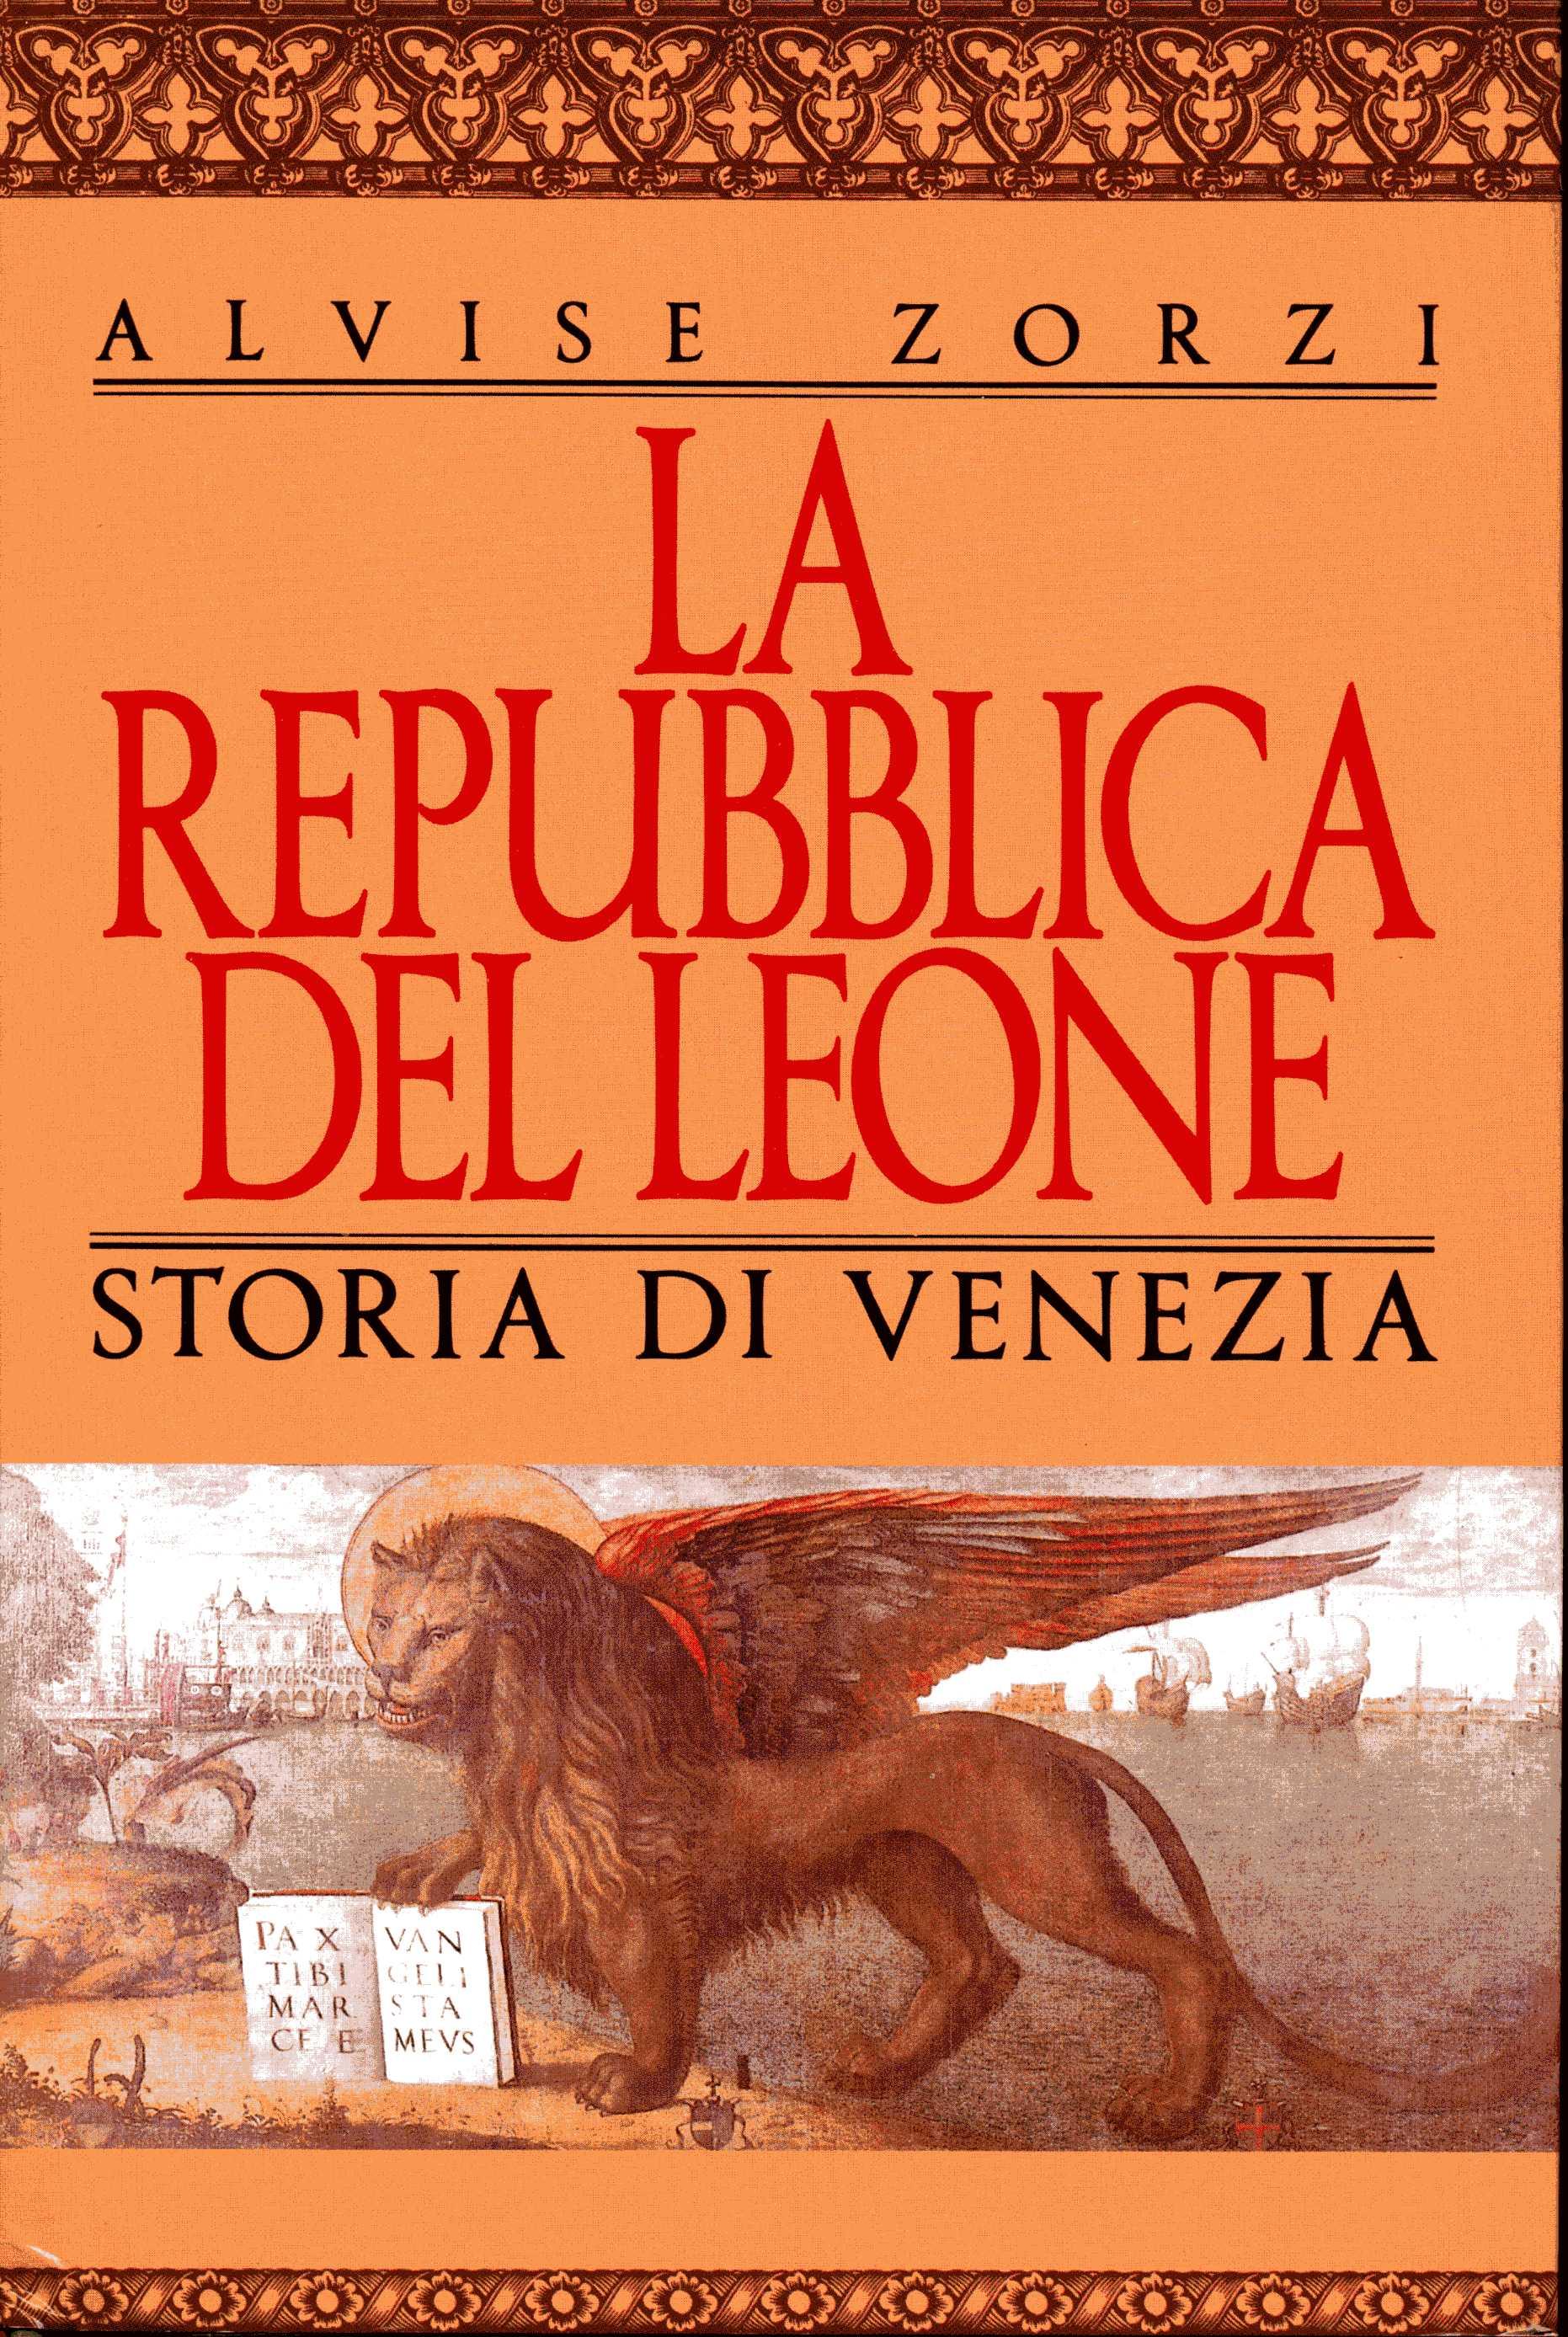 La repubblica del leone